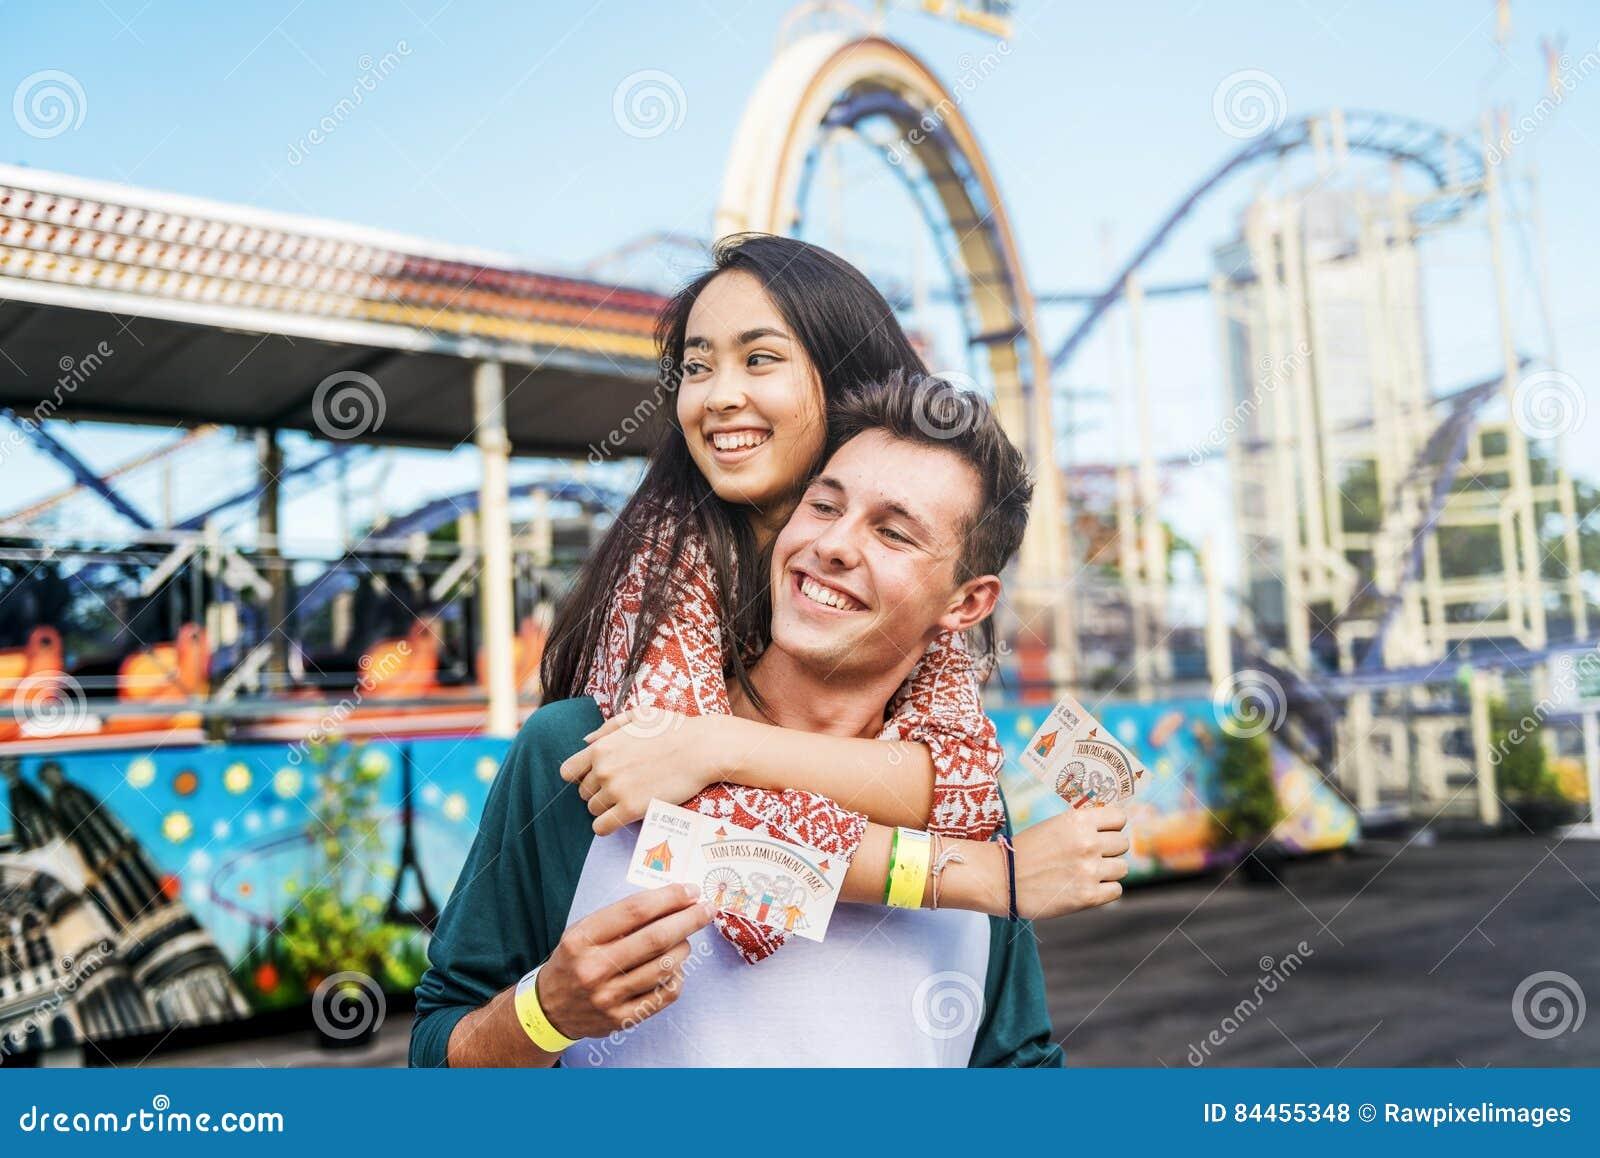 Концепция занятности наслаждения парка потехи датировка пар